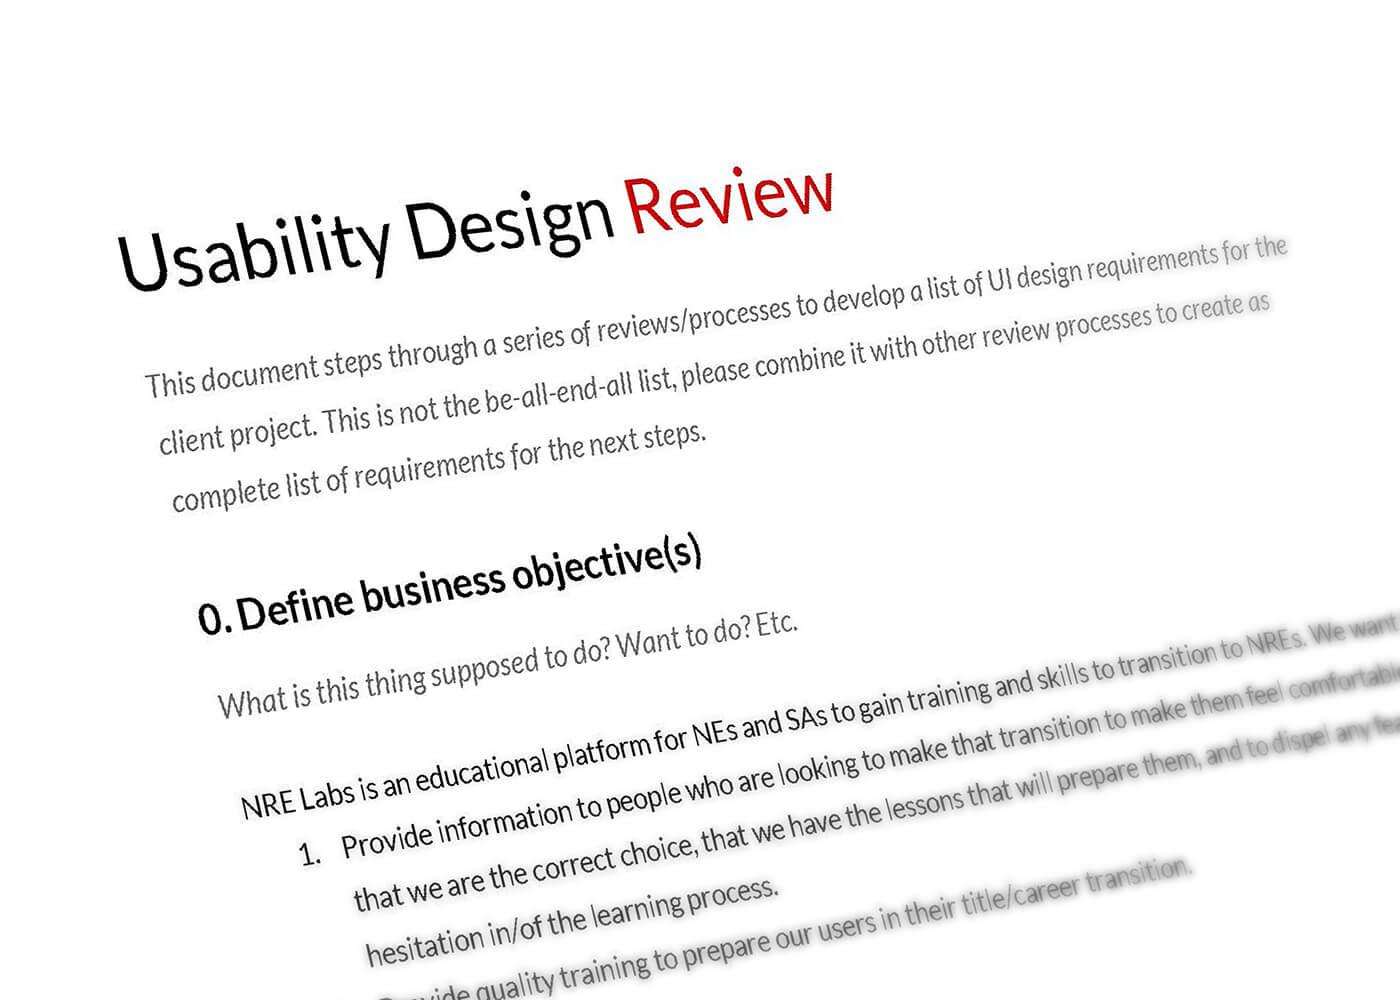 Usability Design Review document